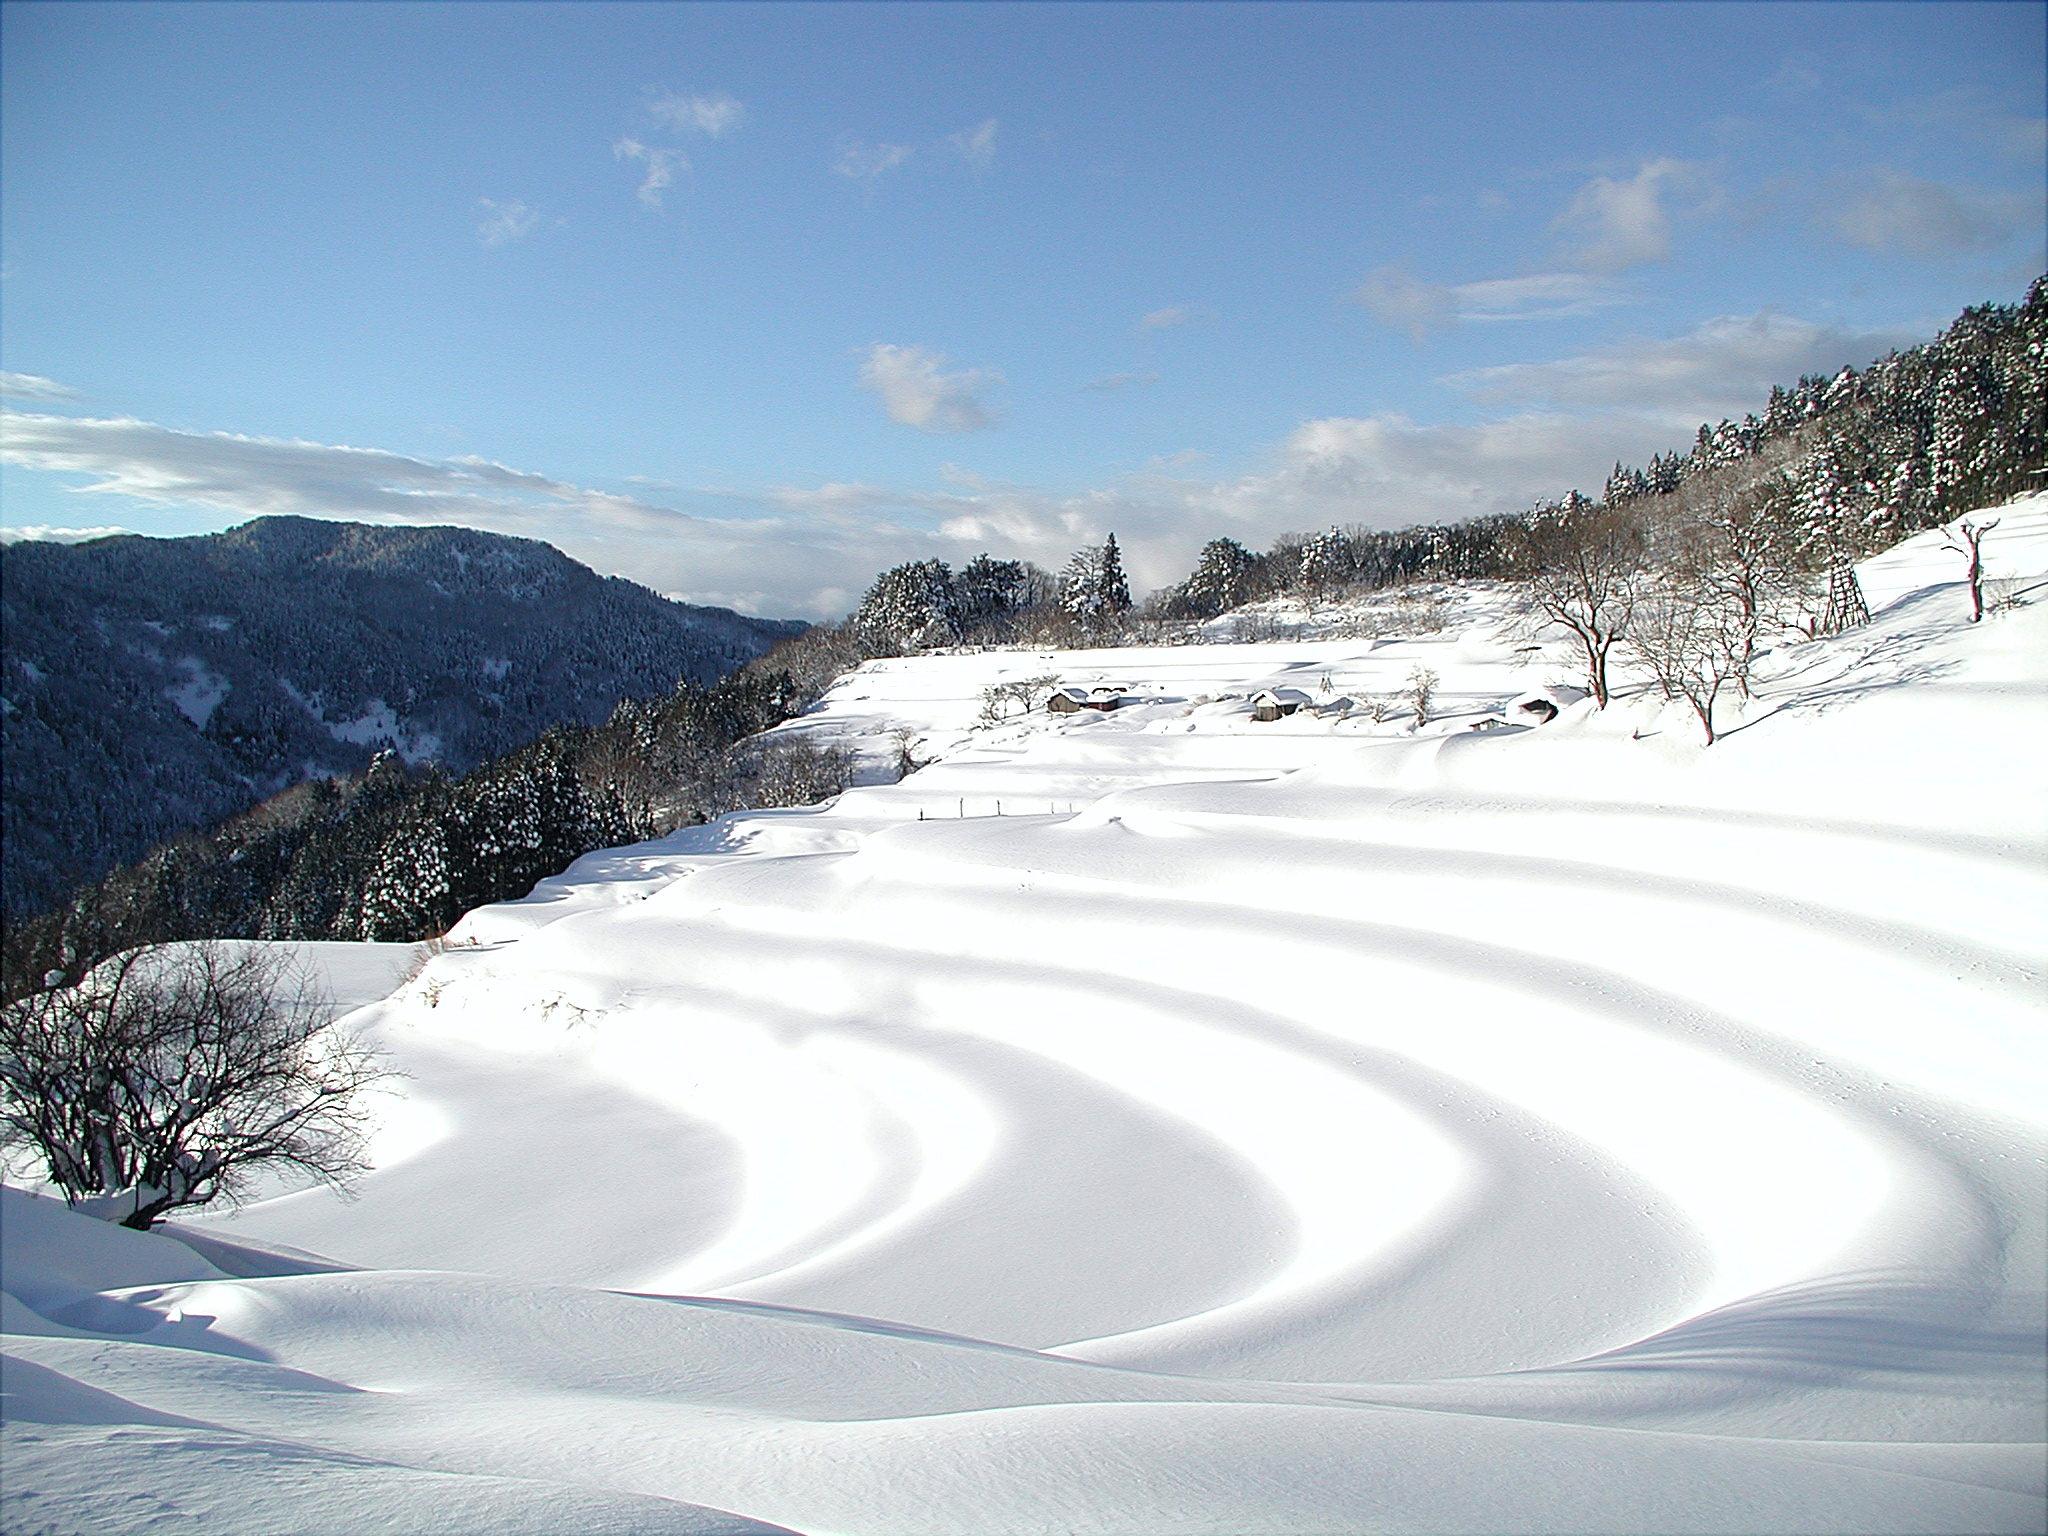 和佐父・西ヶ岡棚田(雪)